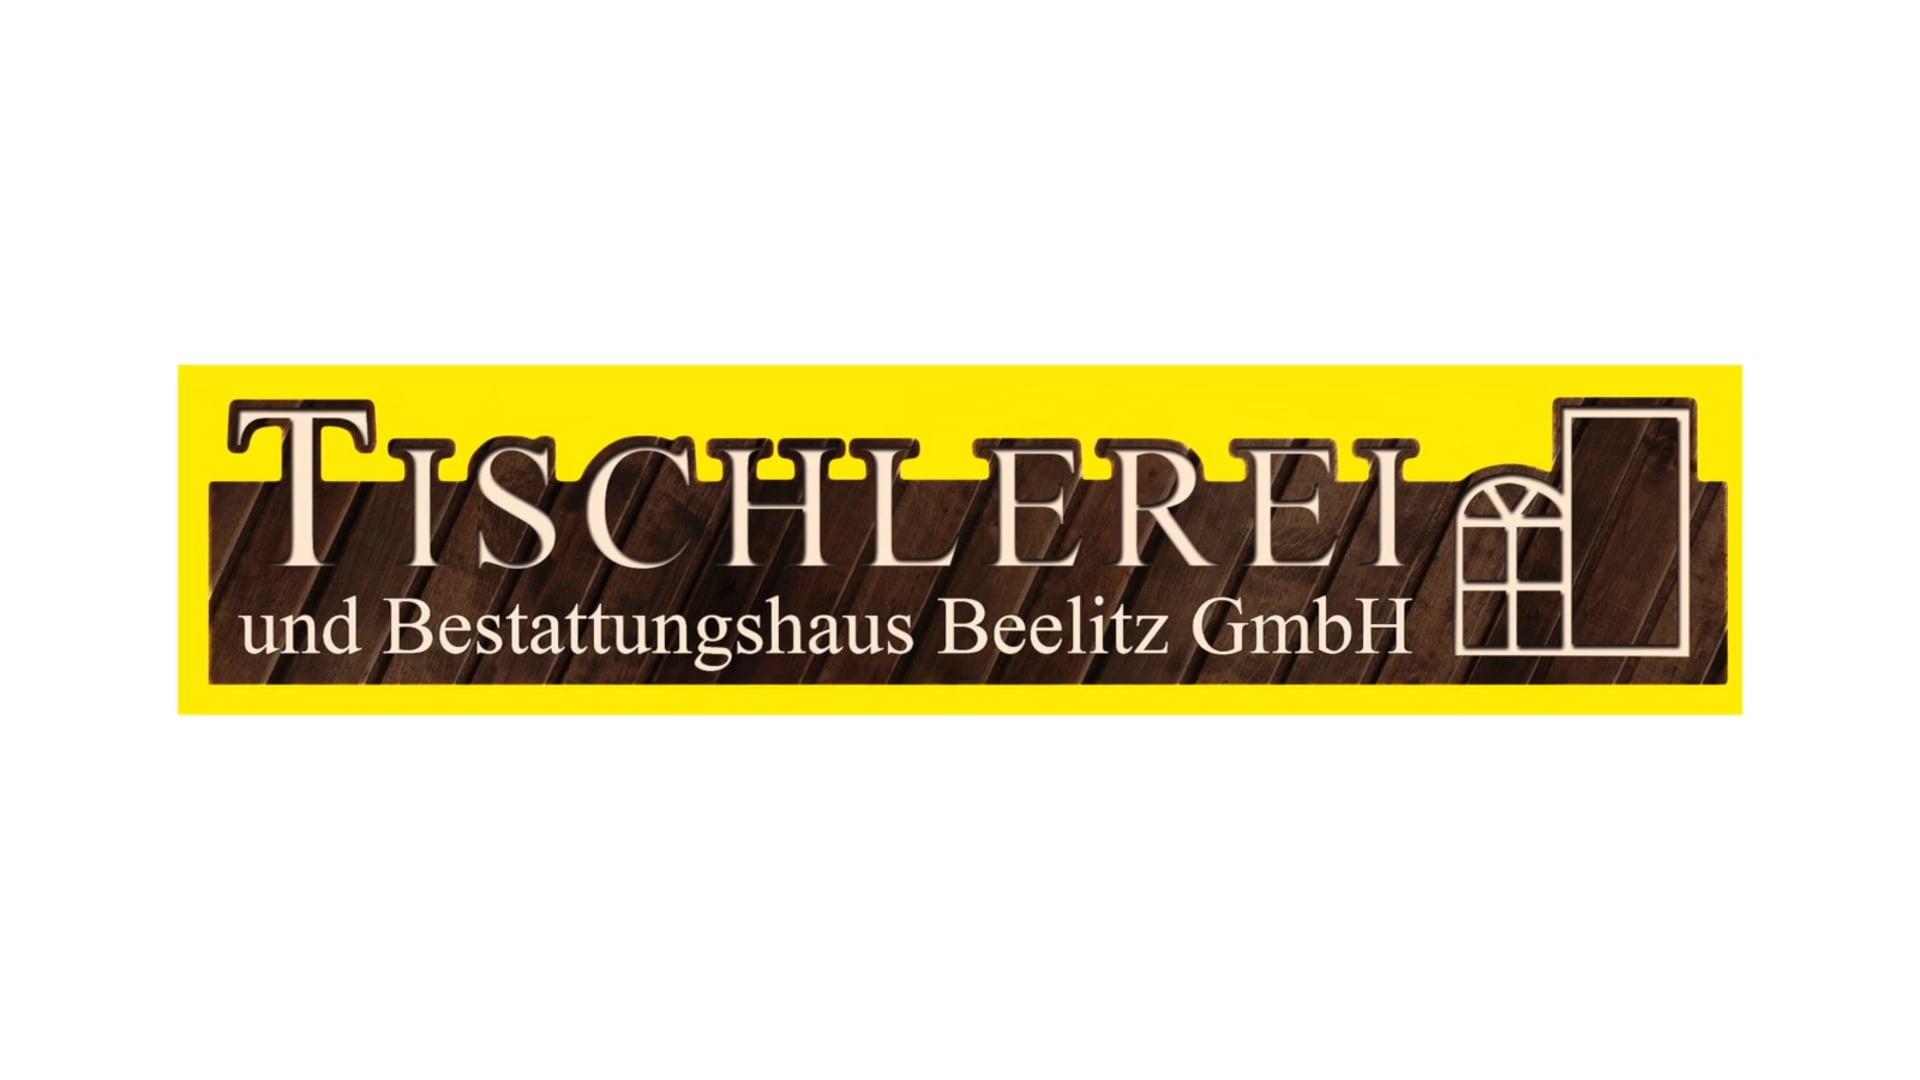 Familienfreundlich PM 2019 - Tischlerei Beelitz GmbH